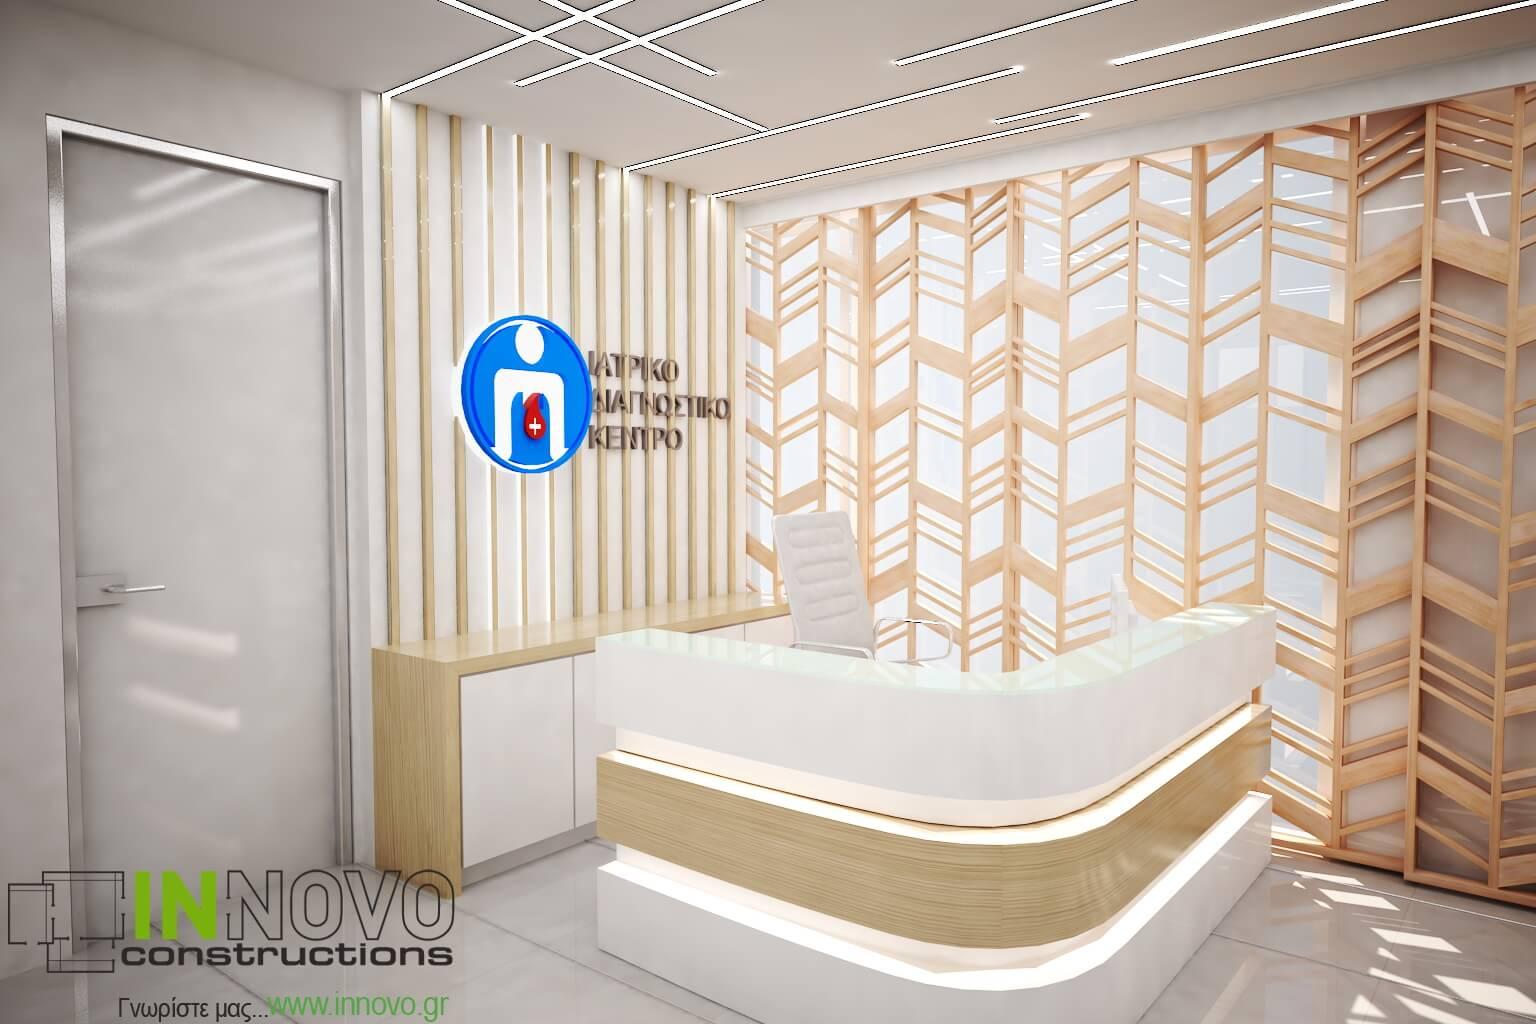 Σχεδιασμός κατασκευής reception διαγνωστικού κέντρου στην Καλλιθέα